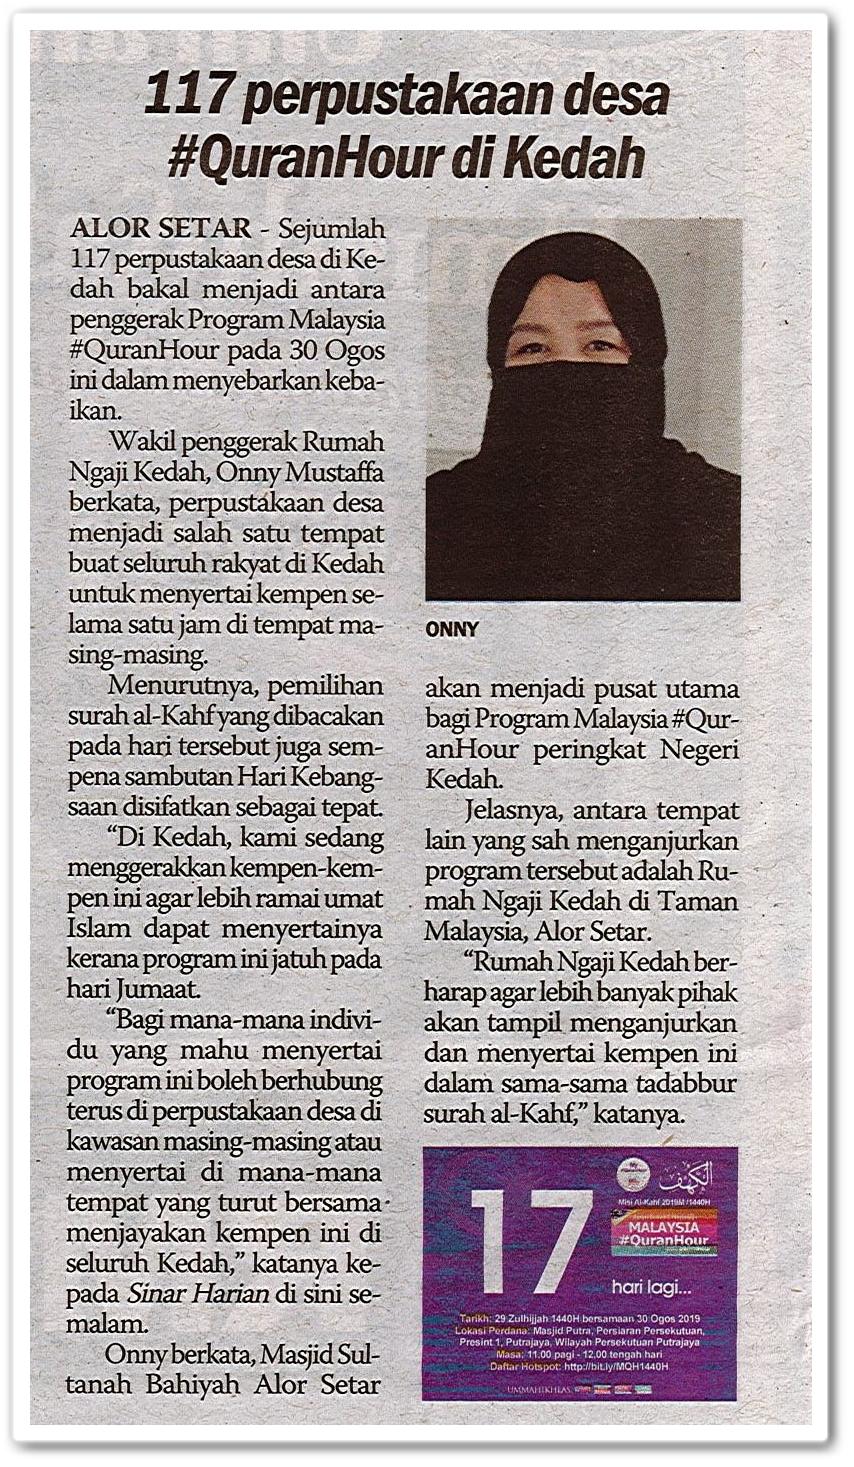 117 perpustakaan desa #QuranHour di Kedah - Keratan akhbar Sinar Harian 13 Ogos 2019